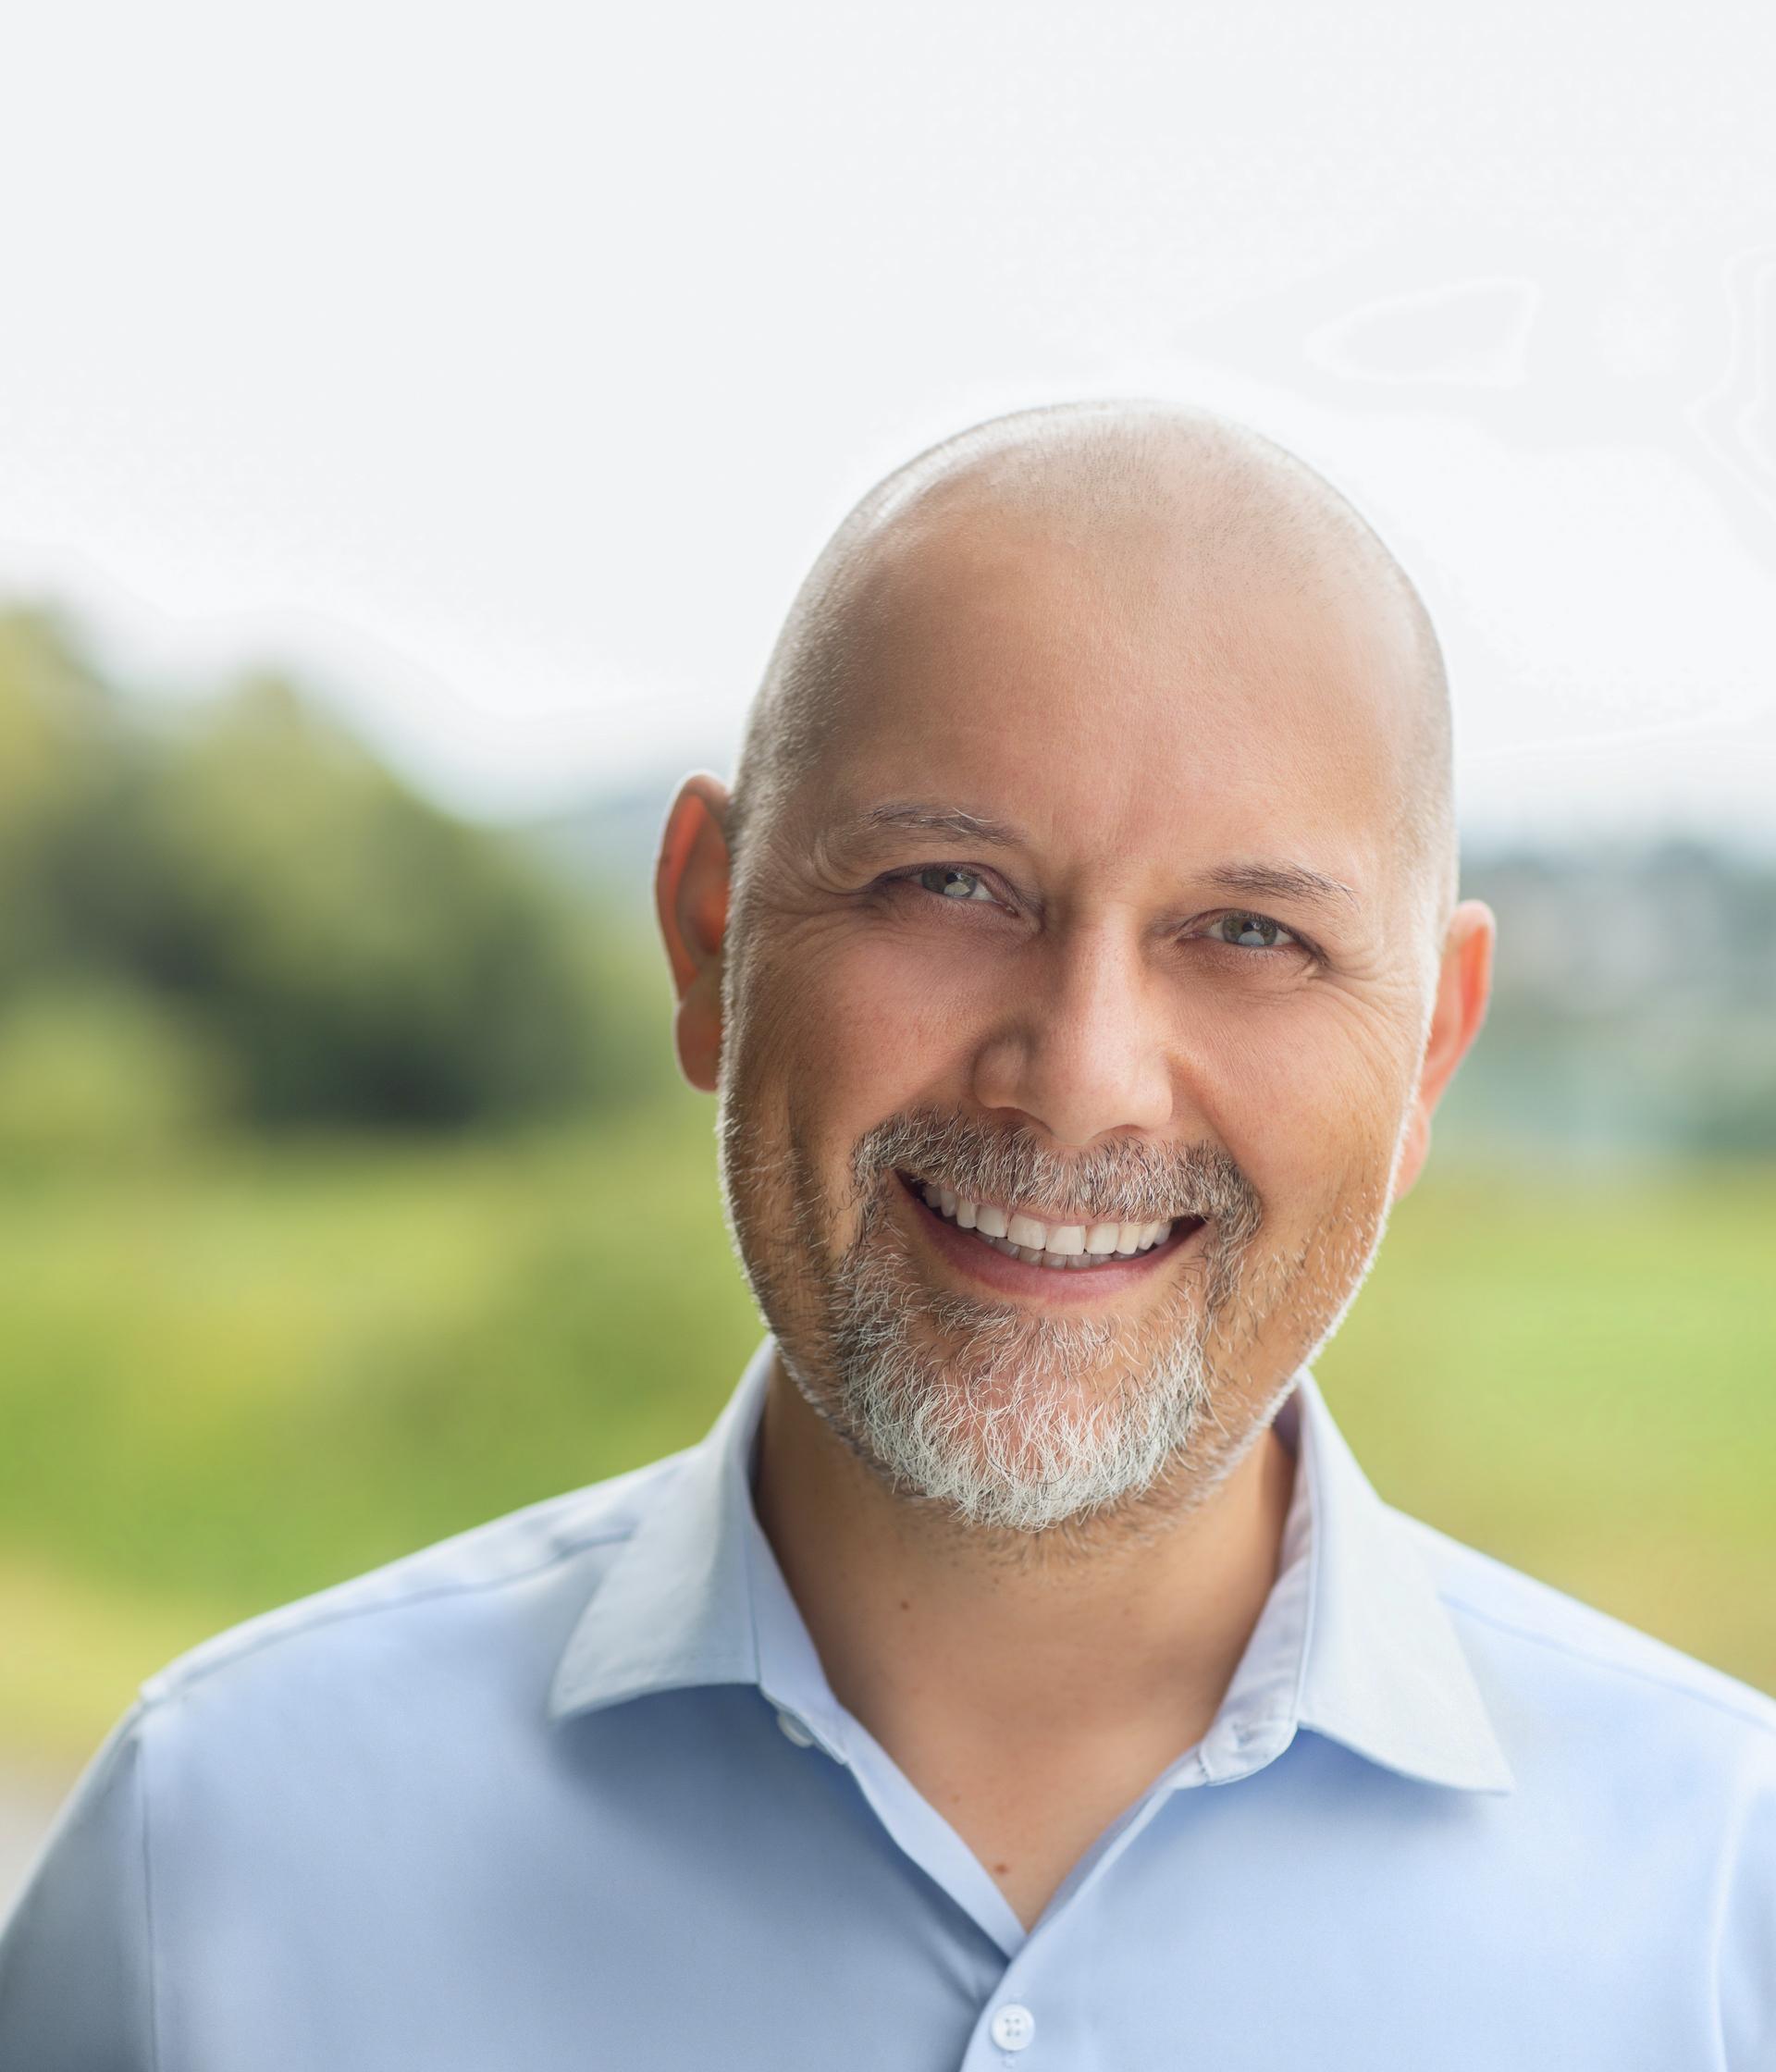 Adam Olsen a speaker at Impact 2020 in Victoria, BC